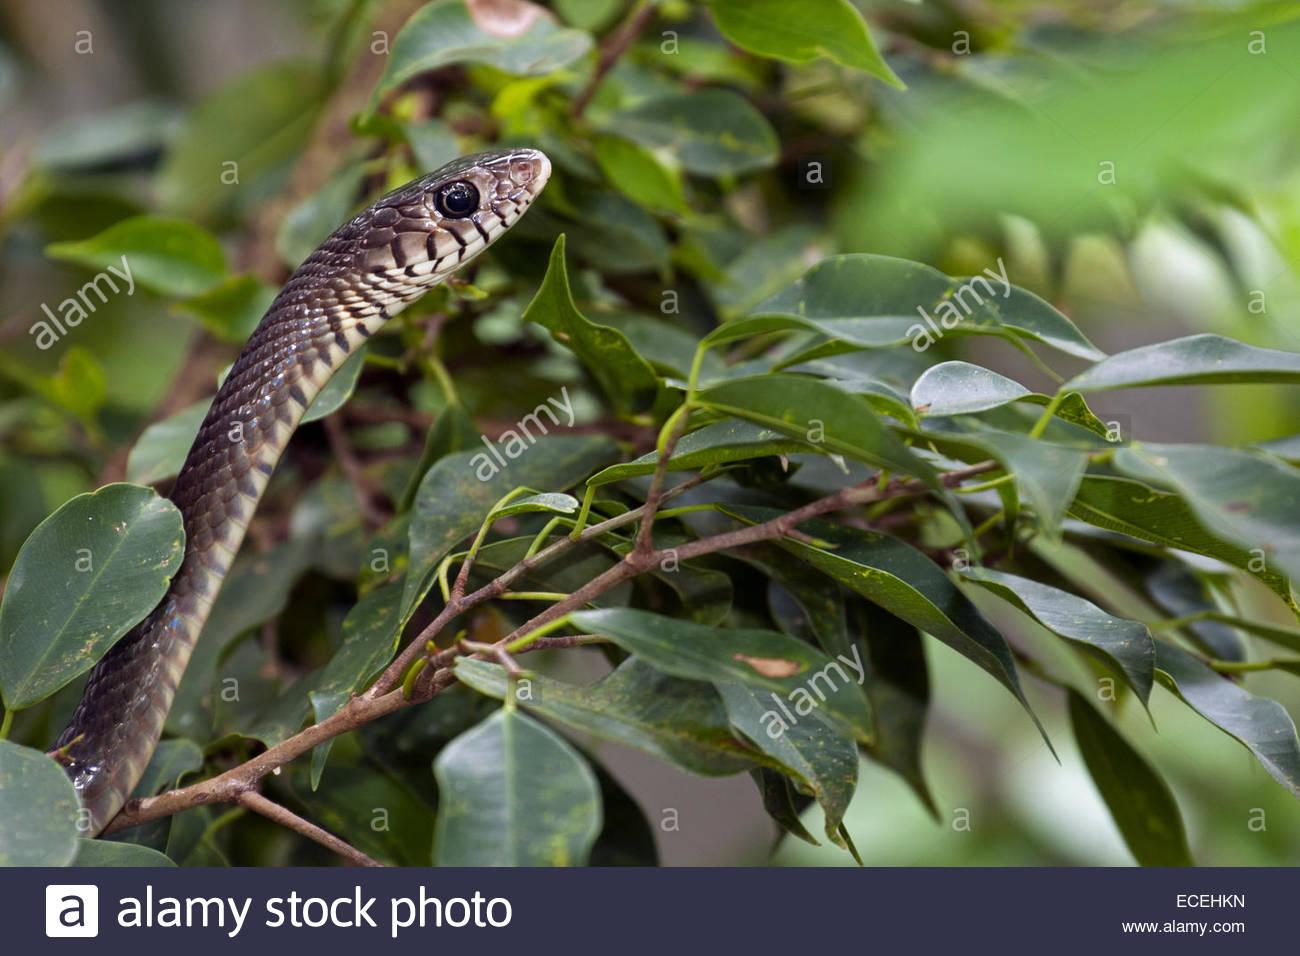 Ratsnake orientales / India / serpiente rata dhaman (Ptyas mucosa), serpientes colubrid nativo del sur y sudeste Foto de stock